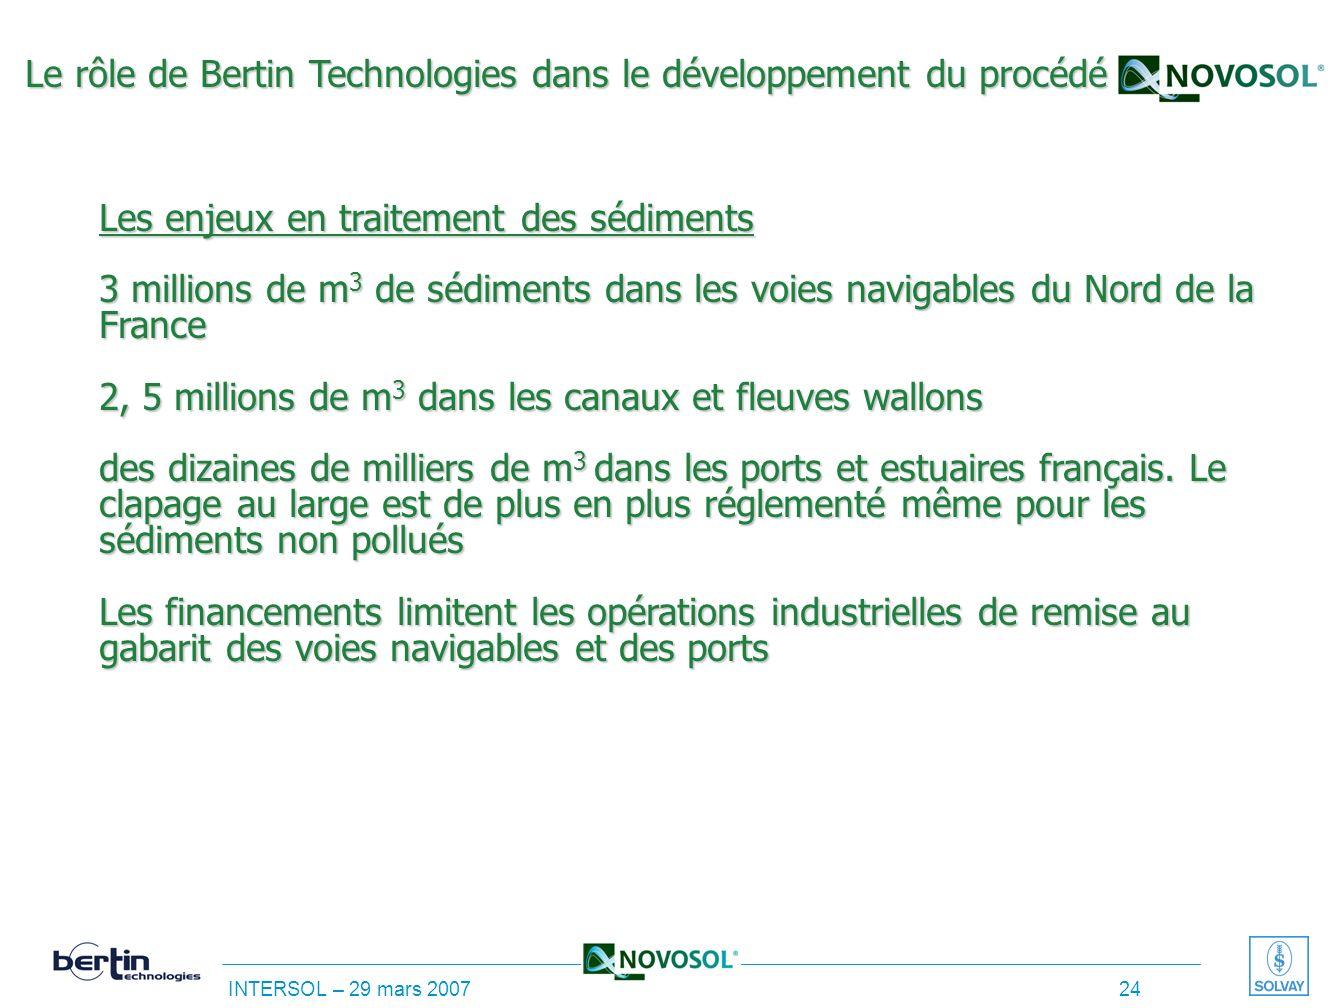 Le rôle de Bertin Technologies dans le développement du procédé Les enjeux en traitement des sédiments 3 millions de m3 de sédiments dans les voies navigables du Nord de la France 2, 5 millions de m3 dans les canaux et fleuves wallons des dizaines de milliers de m3 dans les ports et estuaires français.